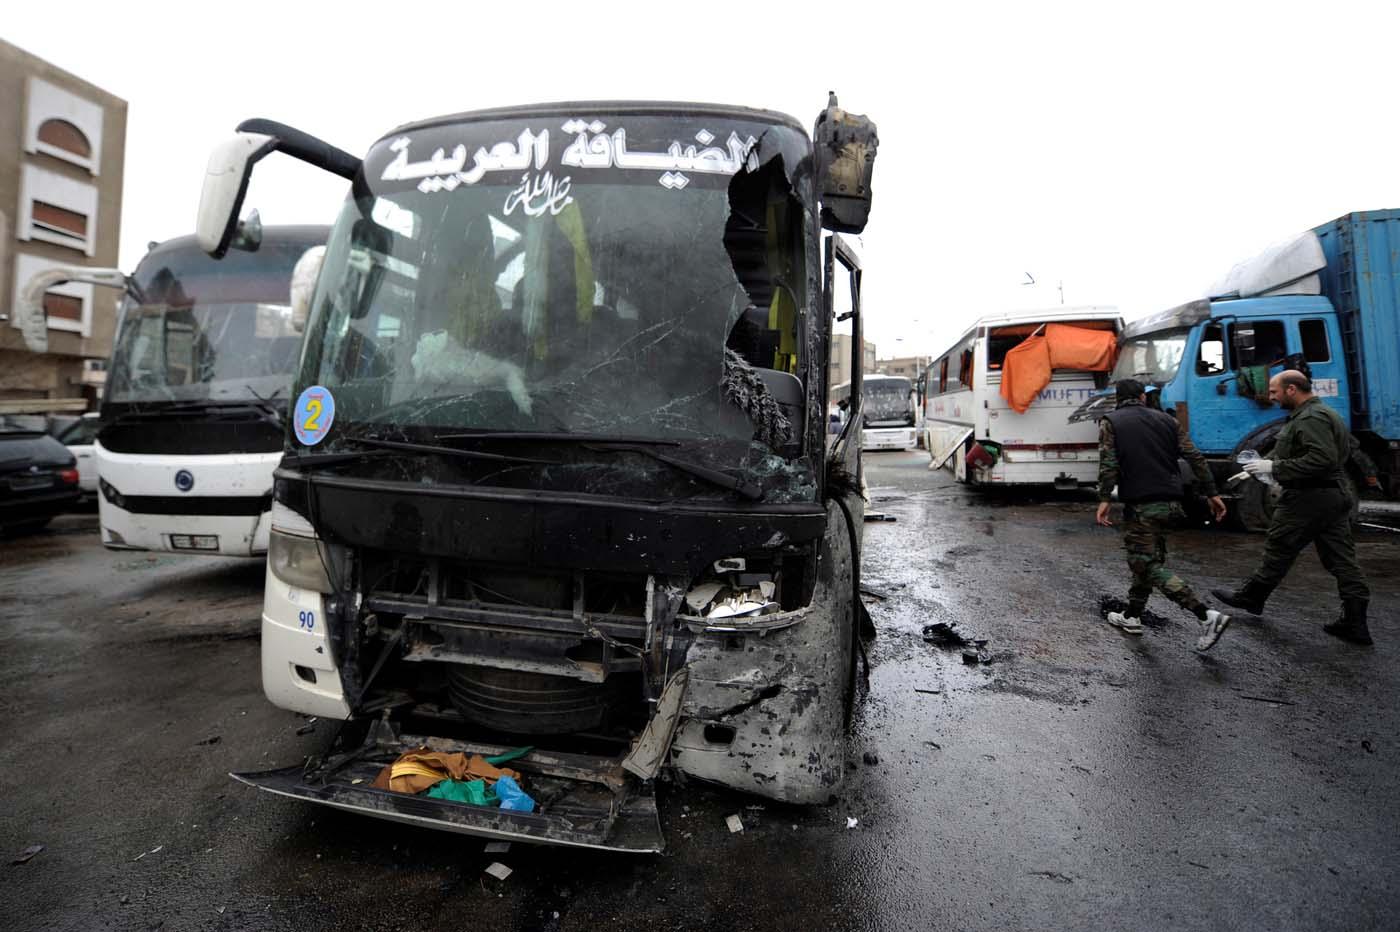 Doble atentado en Siria deja más de 40 muertos